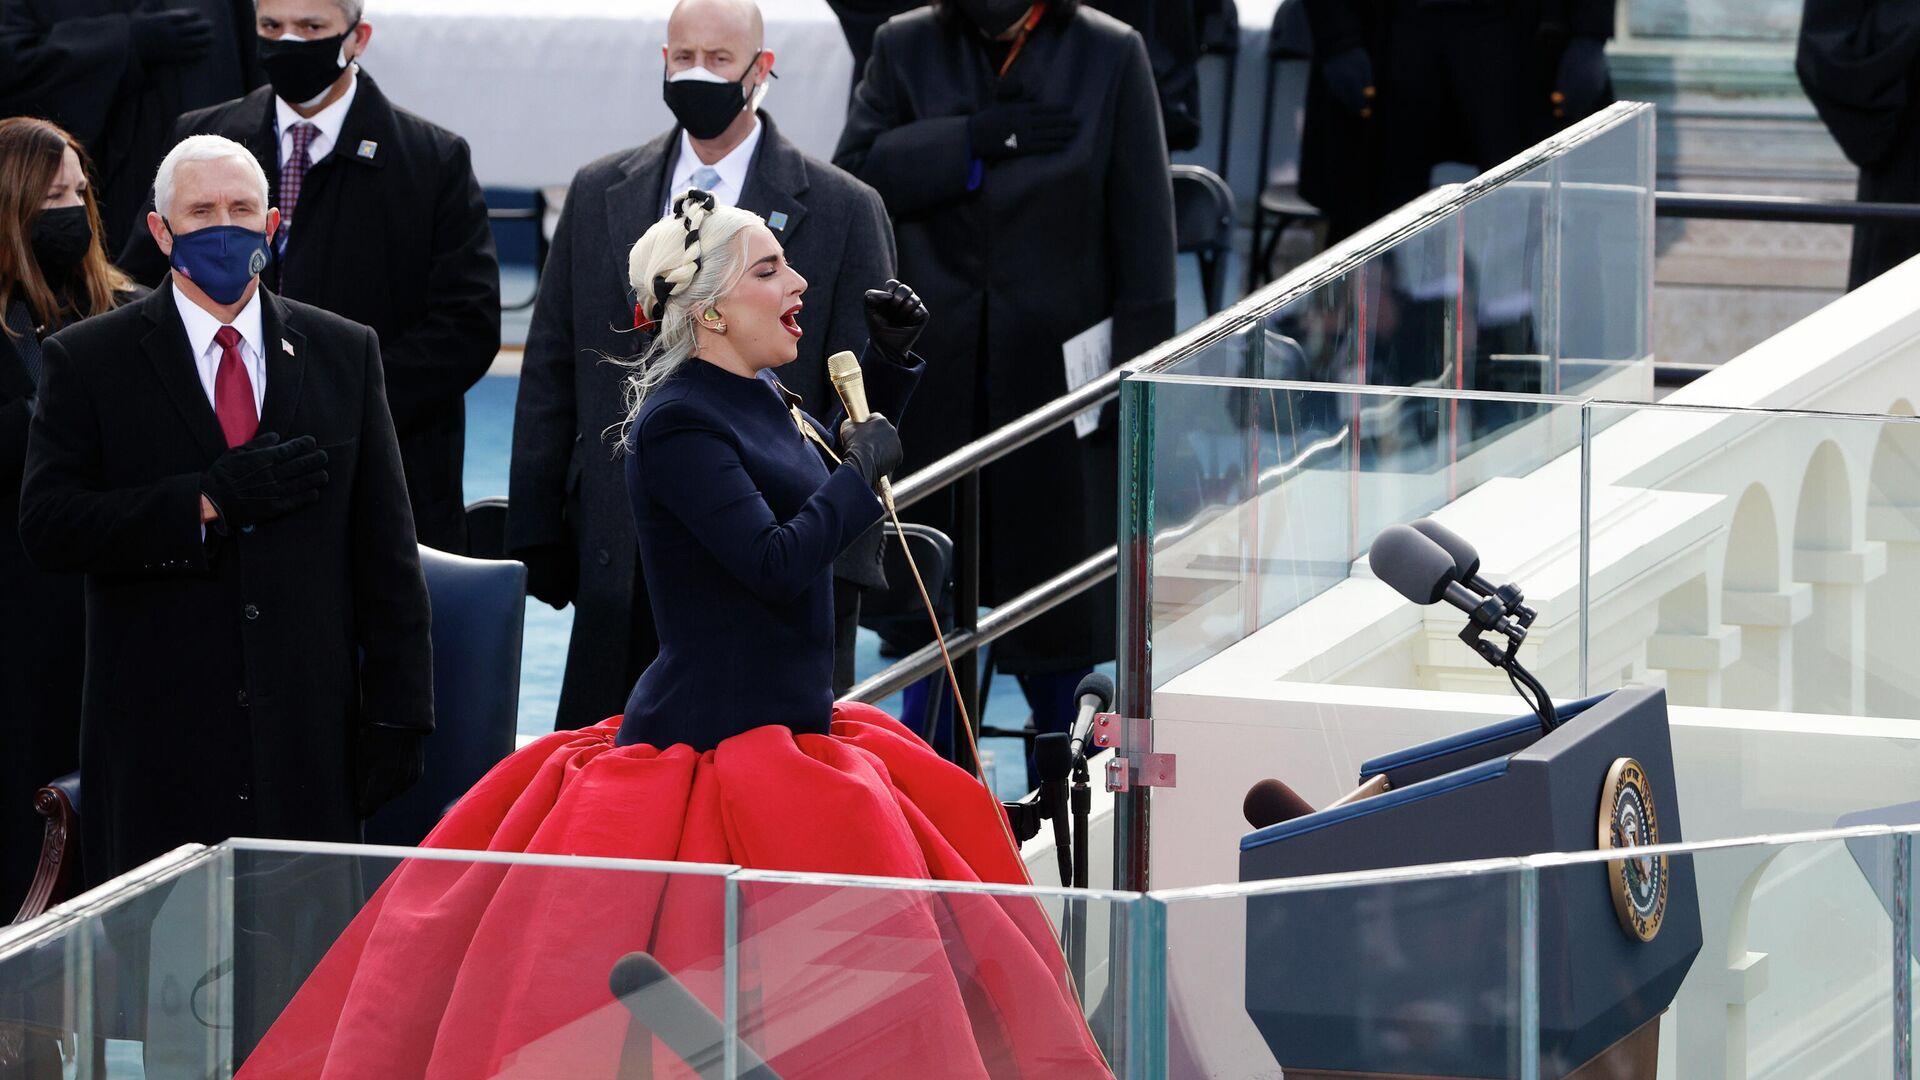 Леди Гага выступает во время церемонии инаугурации Джо Байдена в Вашингтоне - РИА Новости, 1920, 20.01.2021